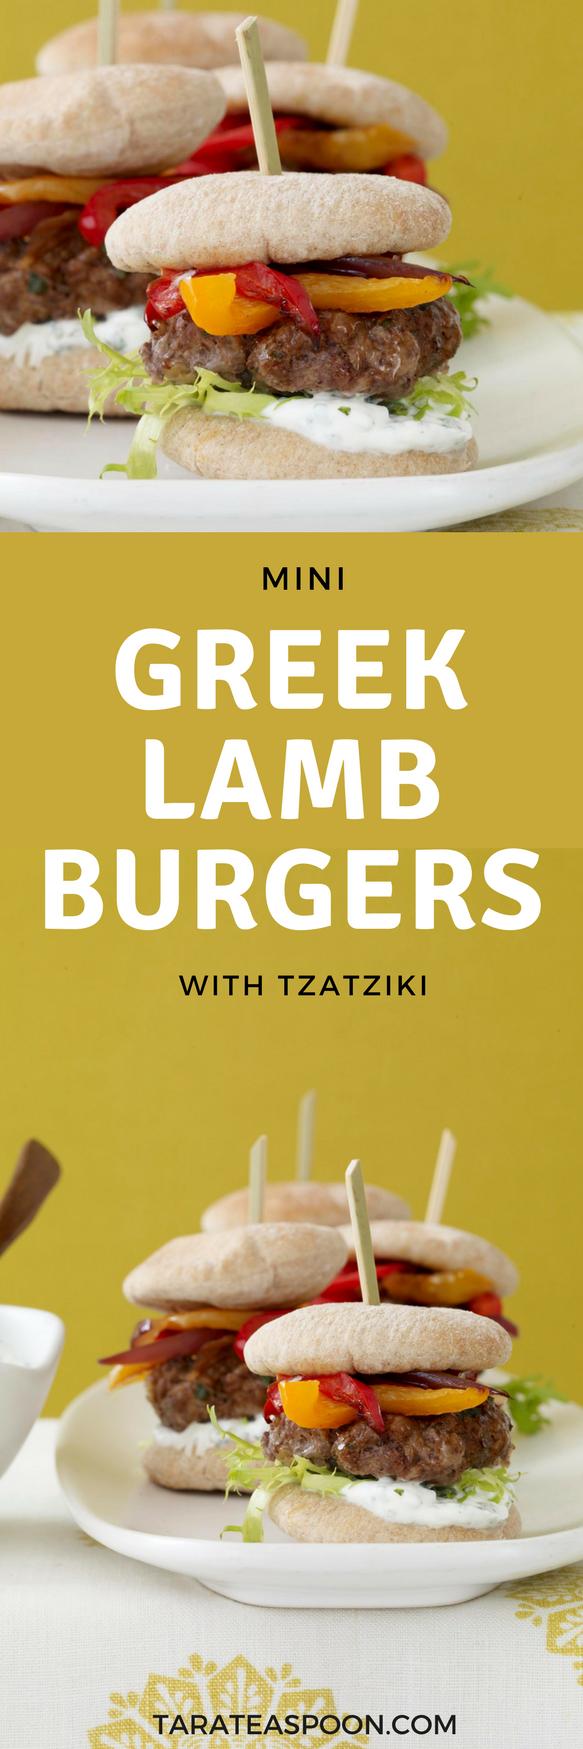 Mini Greek Lamb Burgers with Yogurt Sauce • tarateaspoon